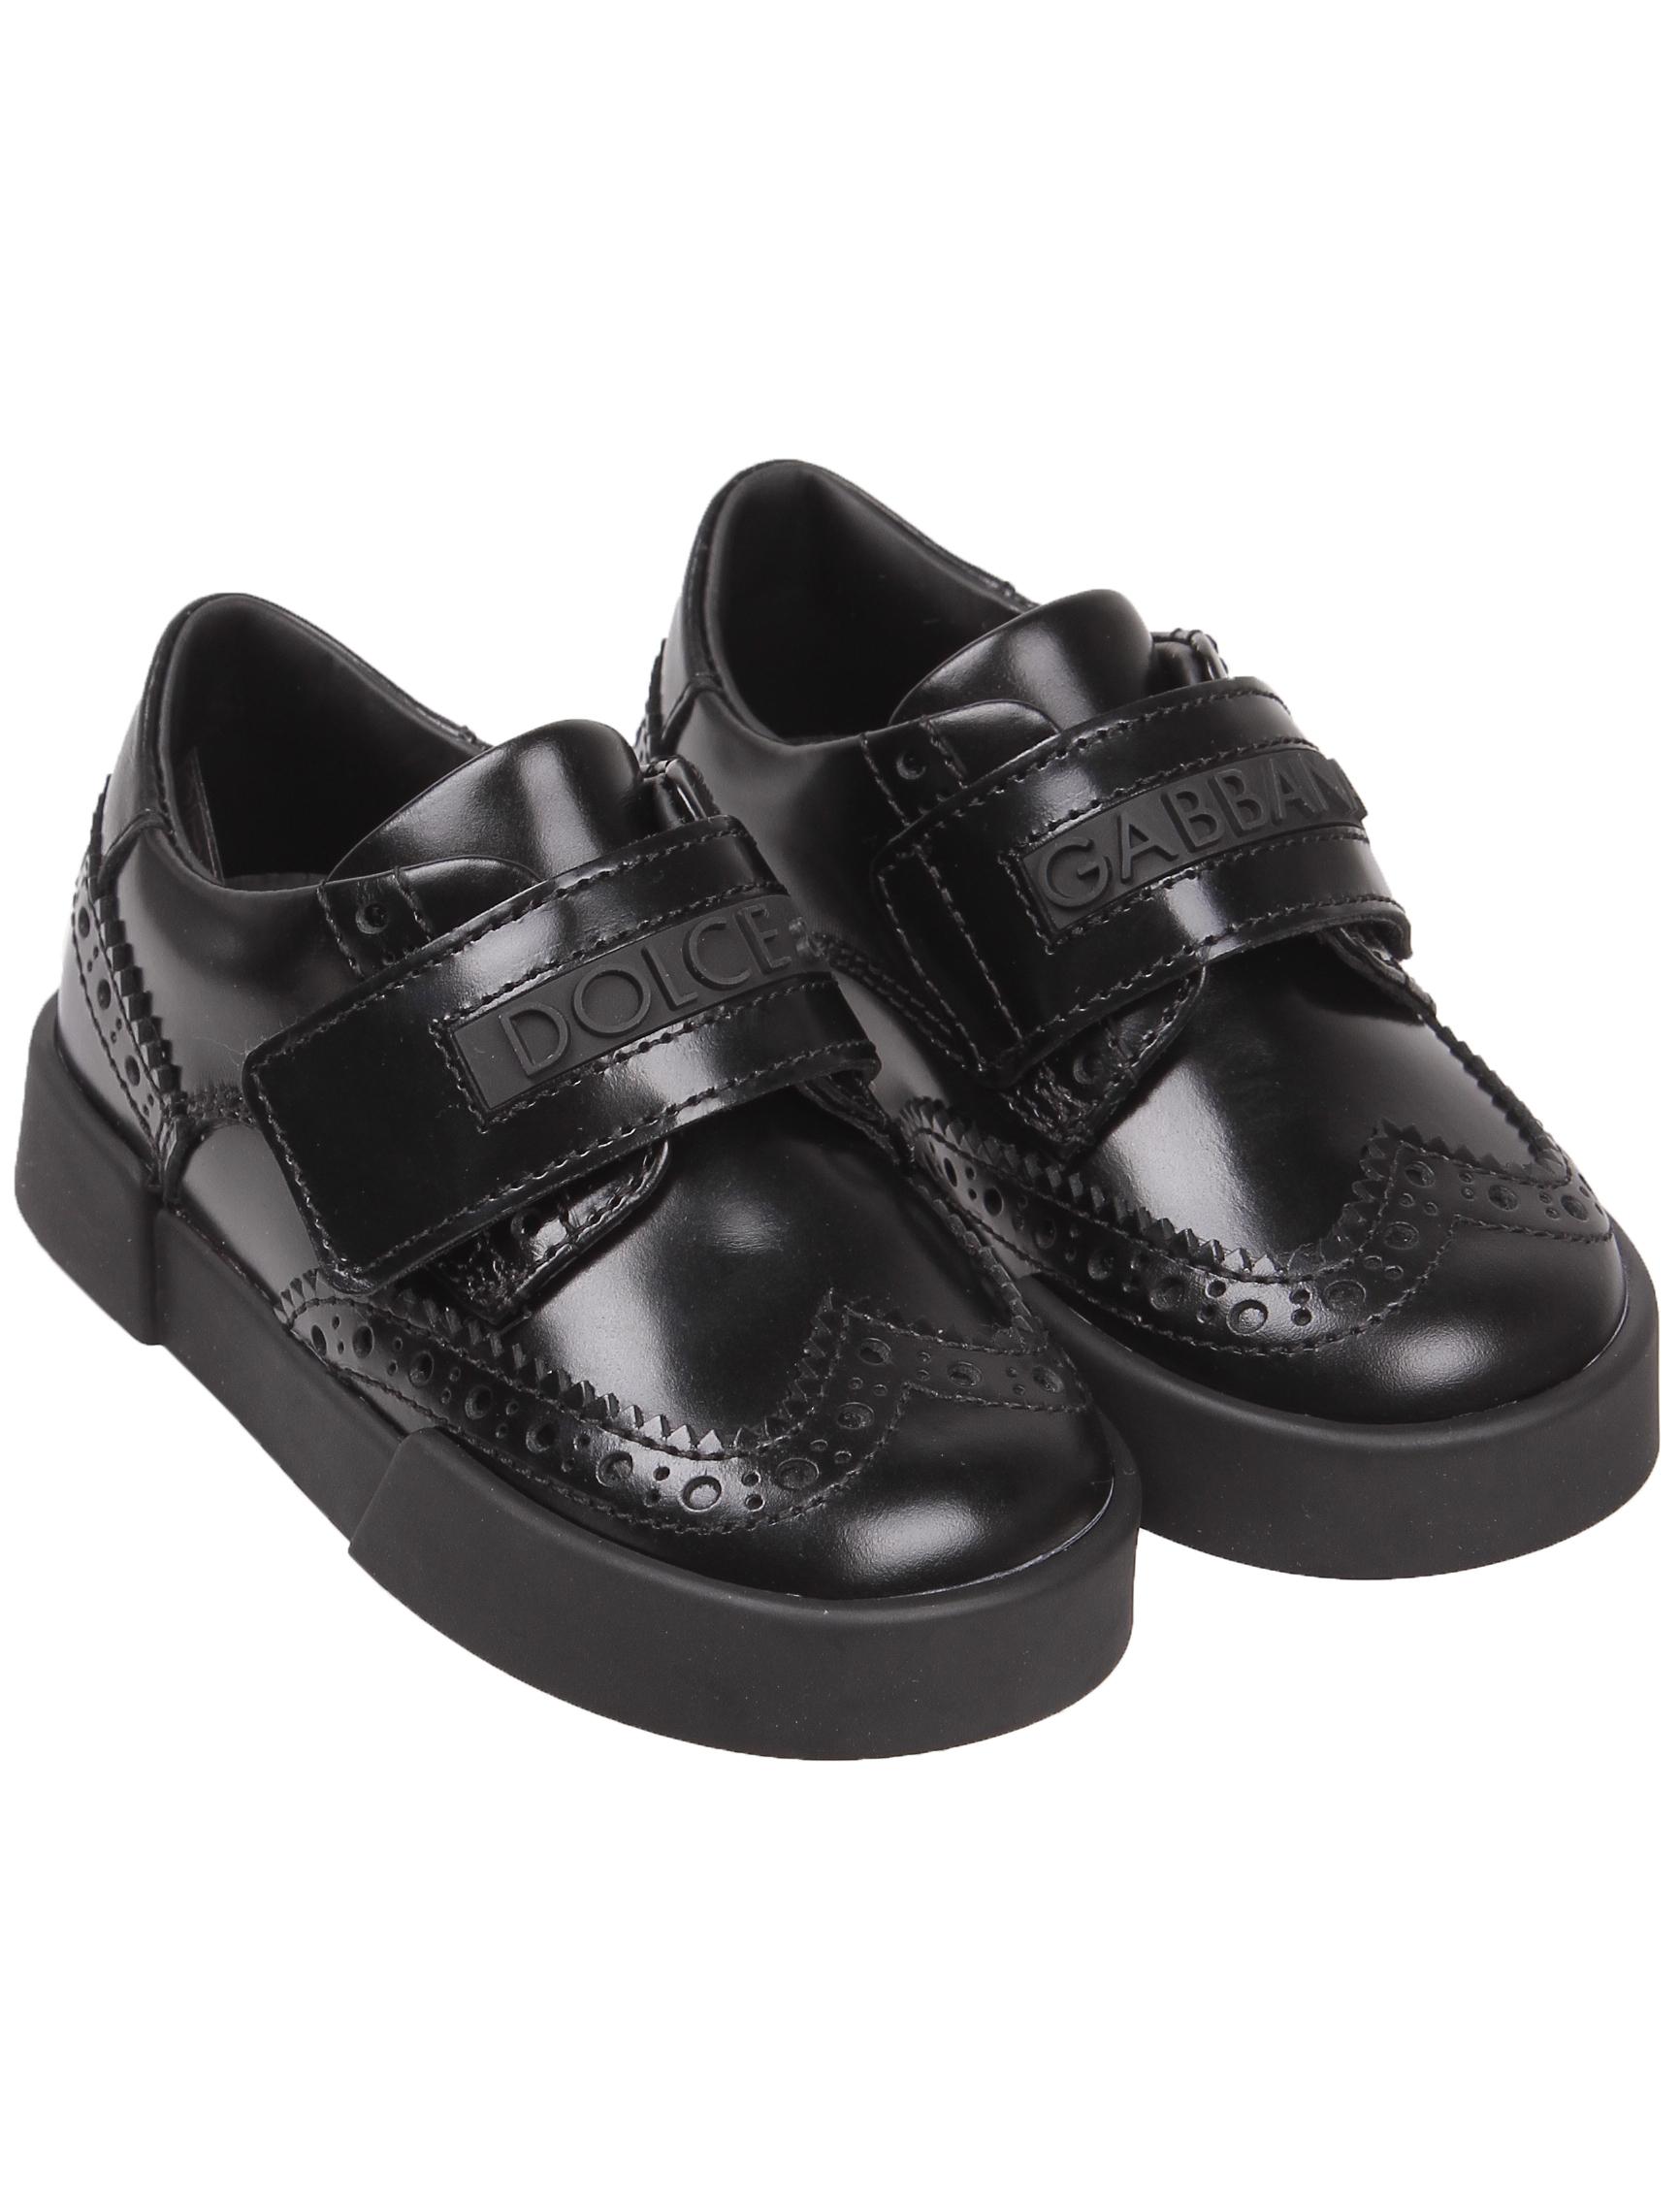 Купить 2044375, Ботинки Dolce & Gabbana, черный, Мужской, 2031119980851